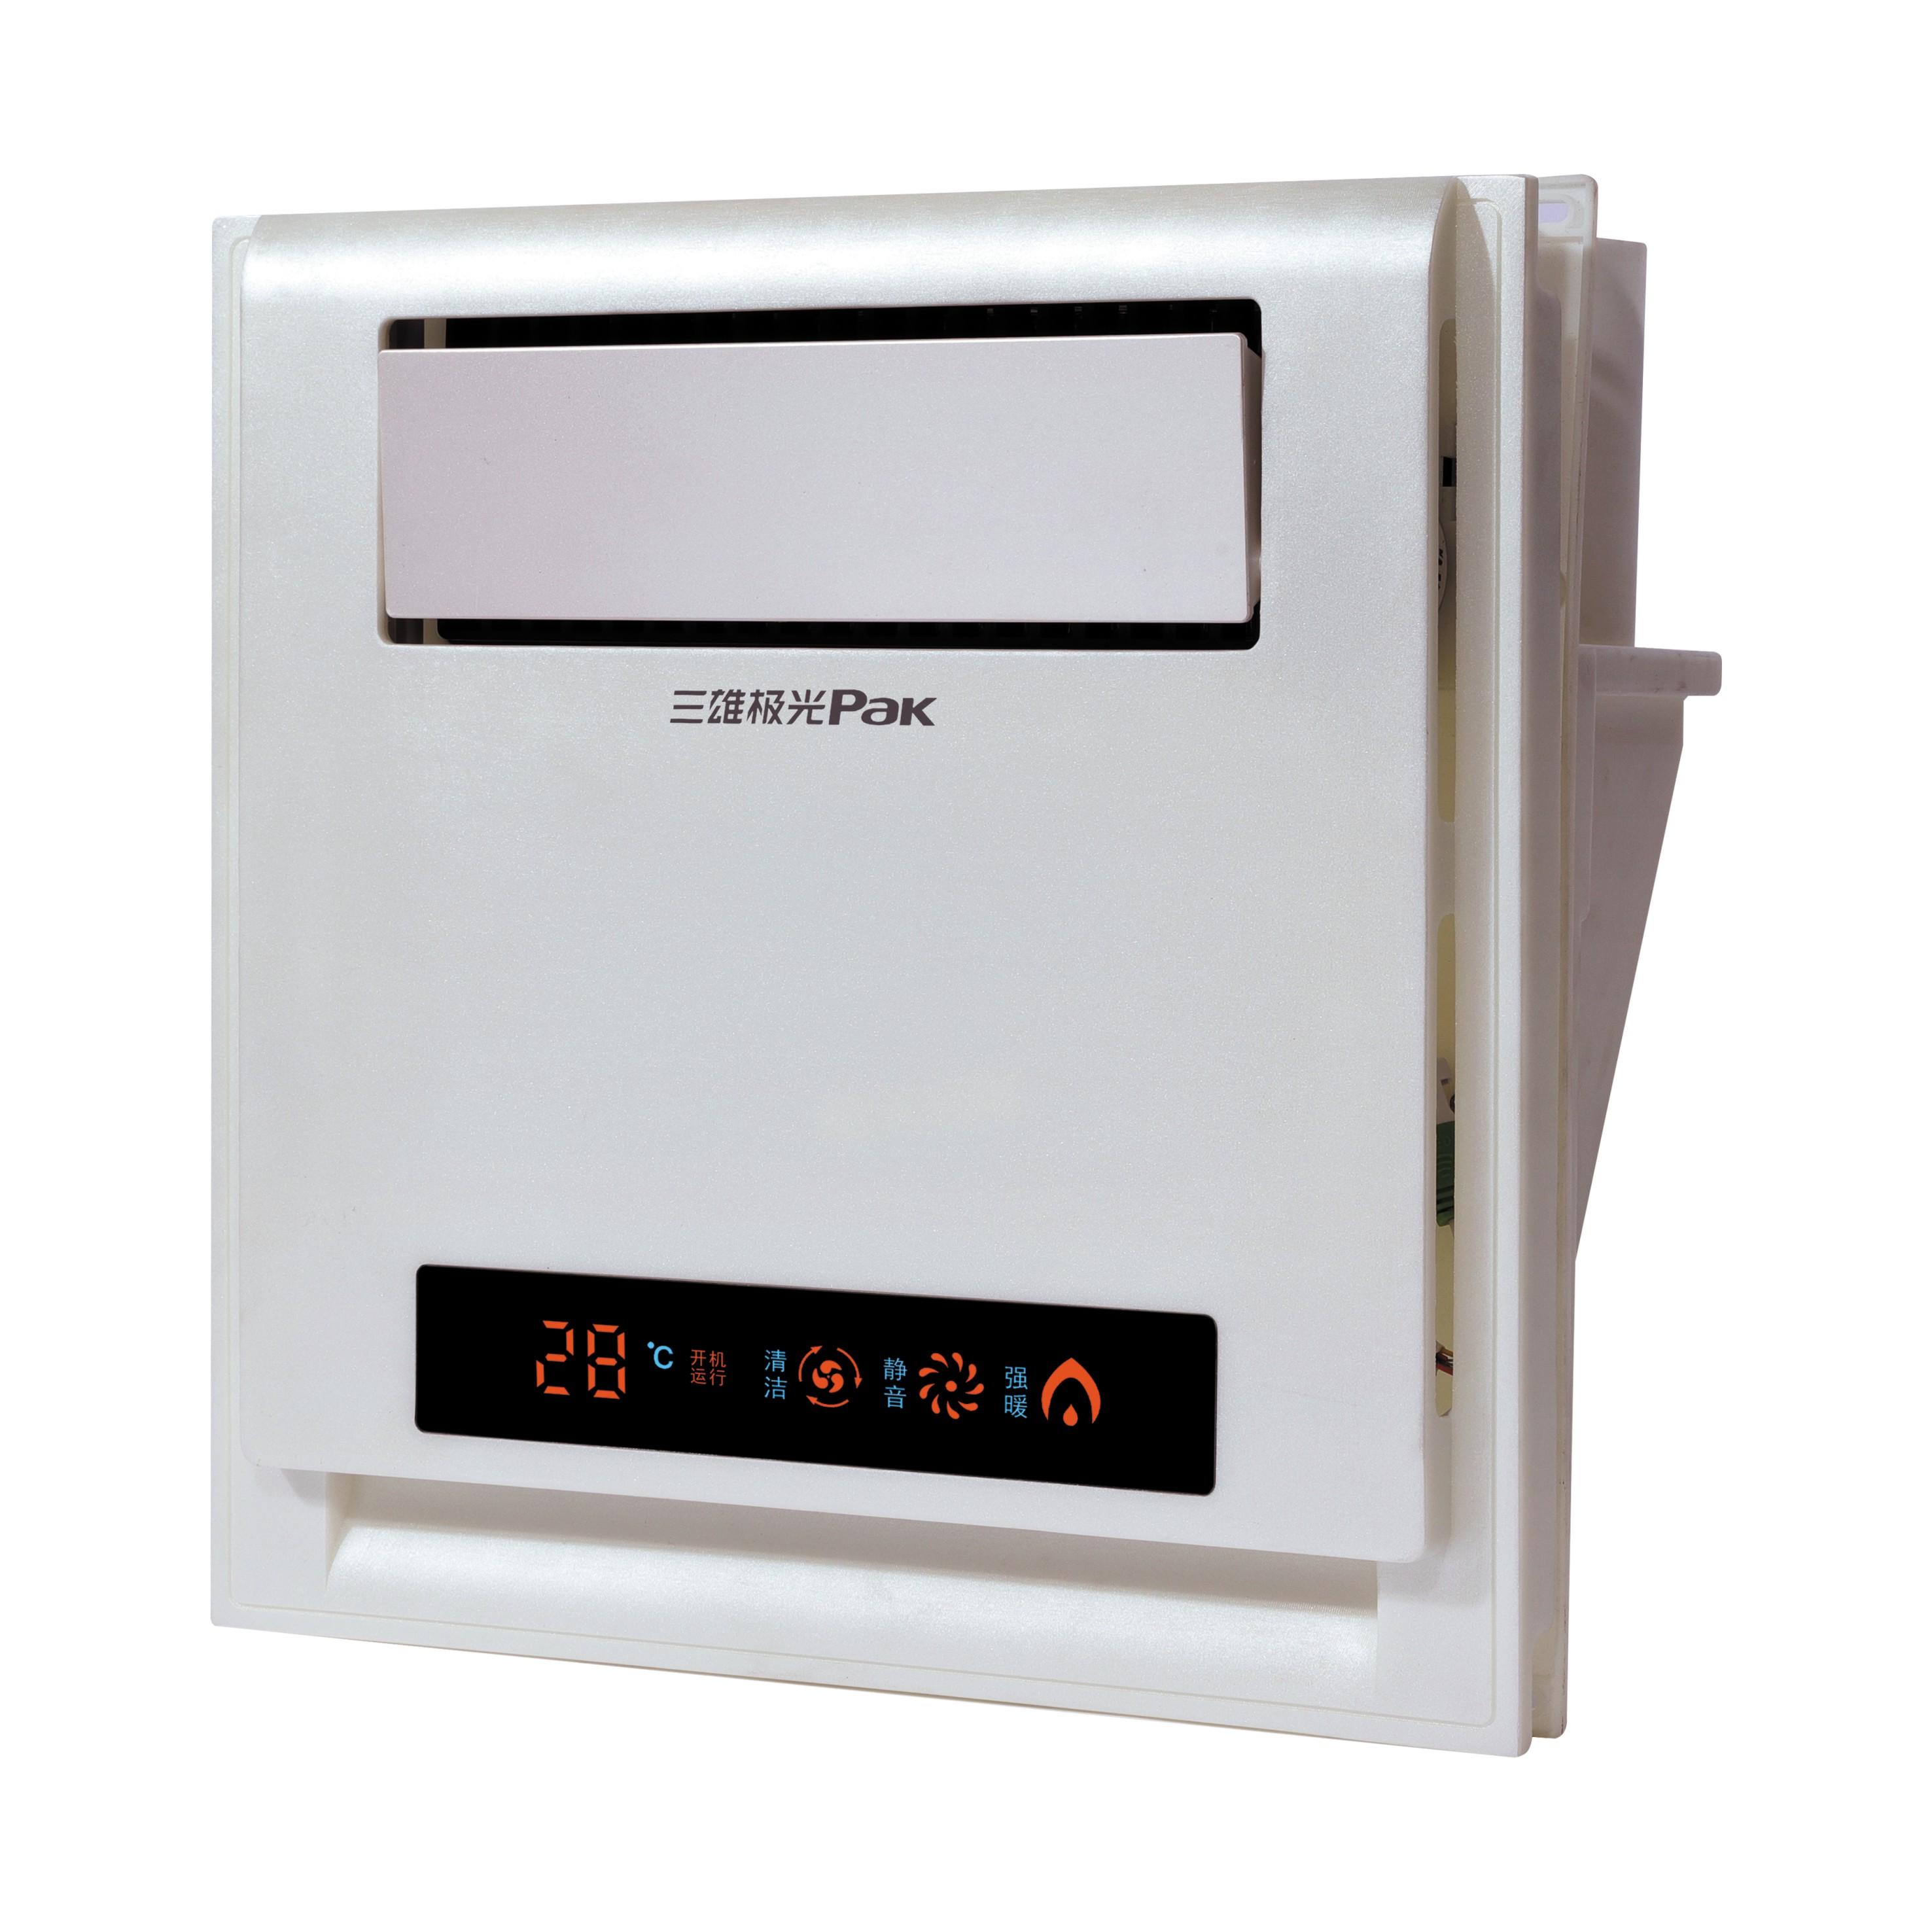 鳳凰臻品系列 無線遙控風暖五合一 3030